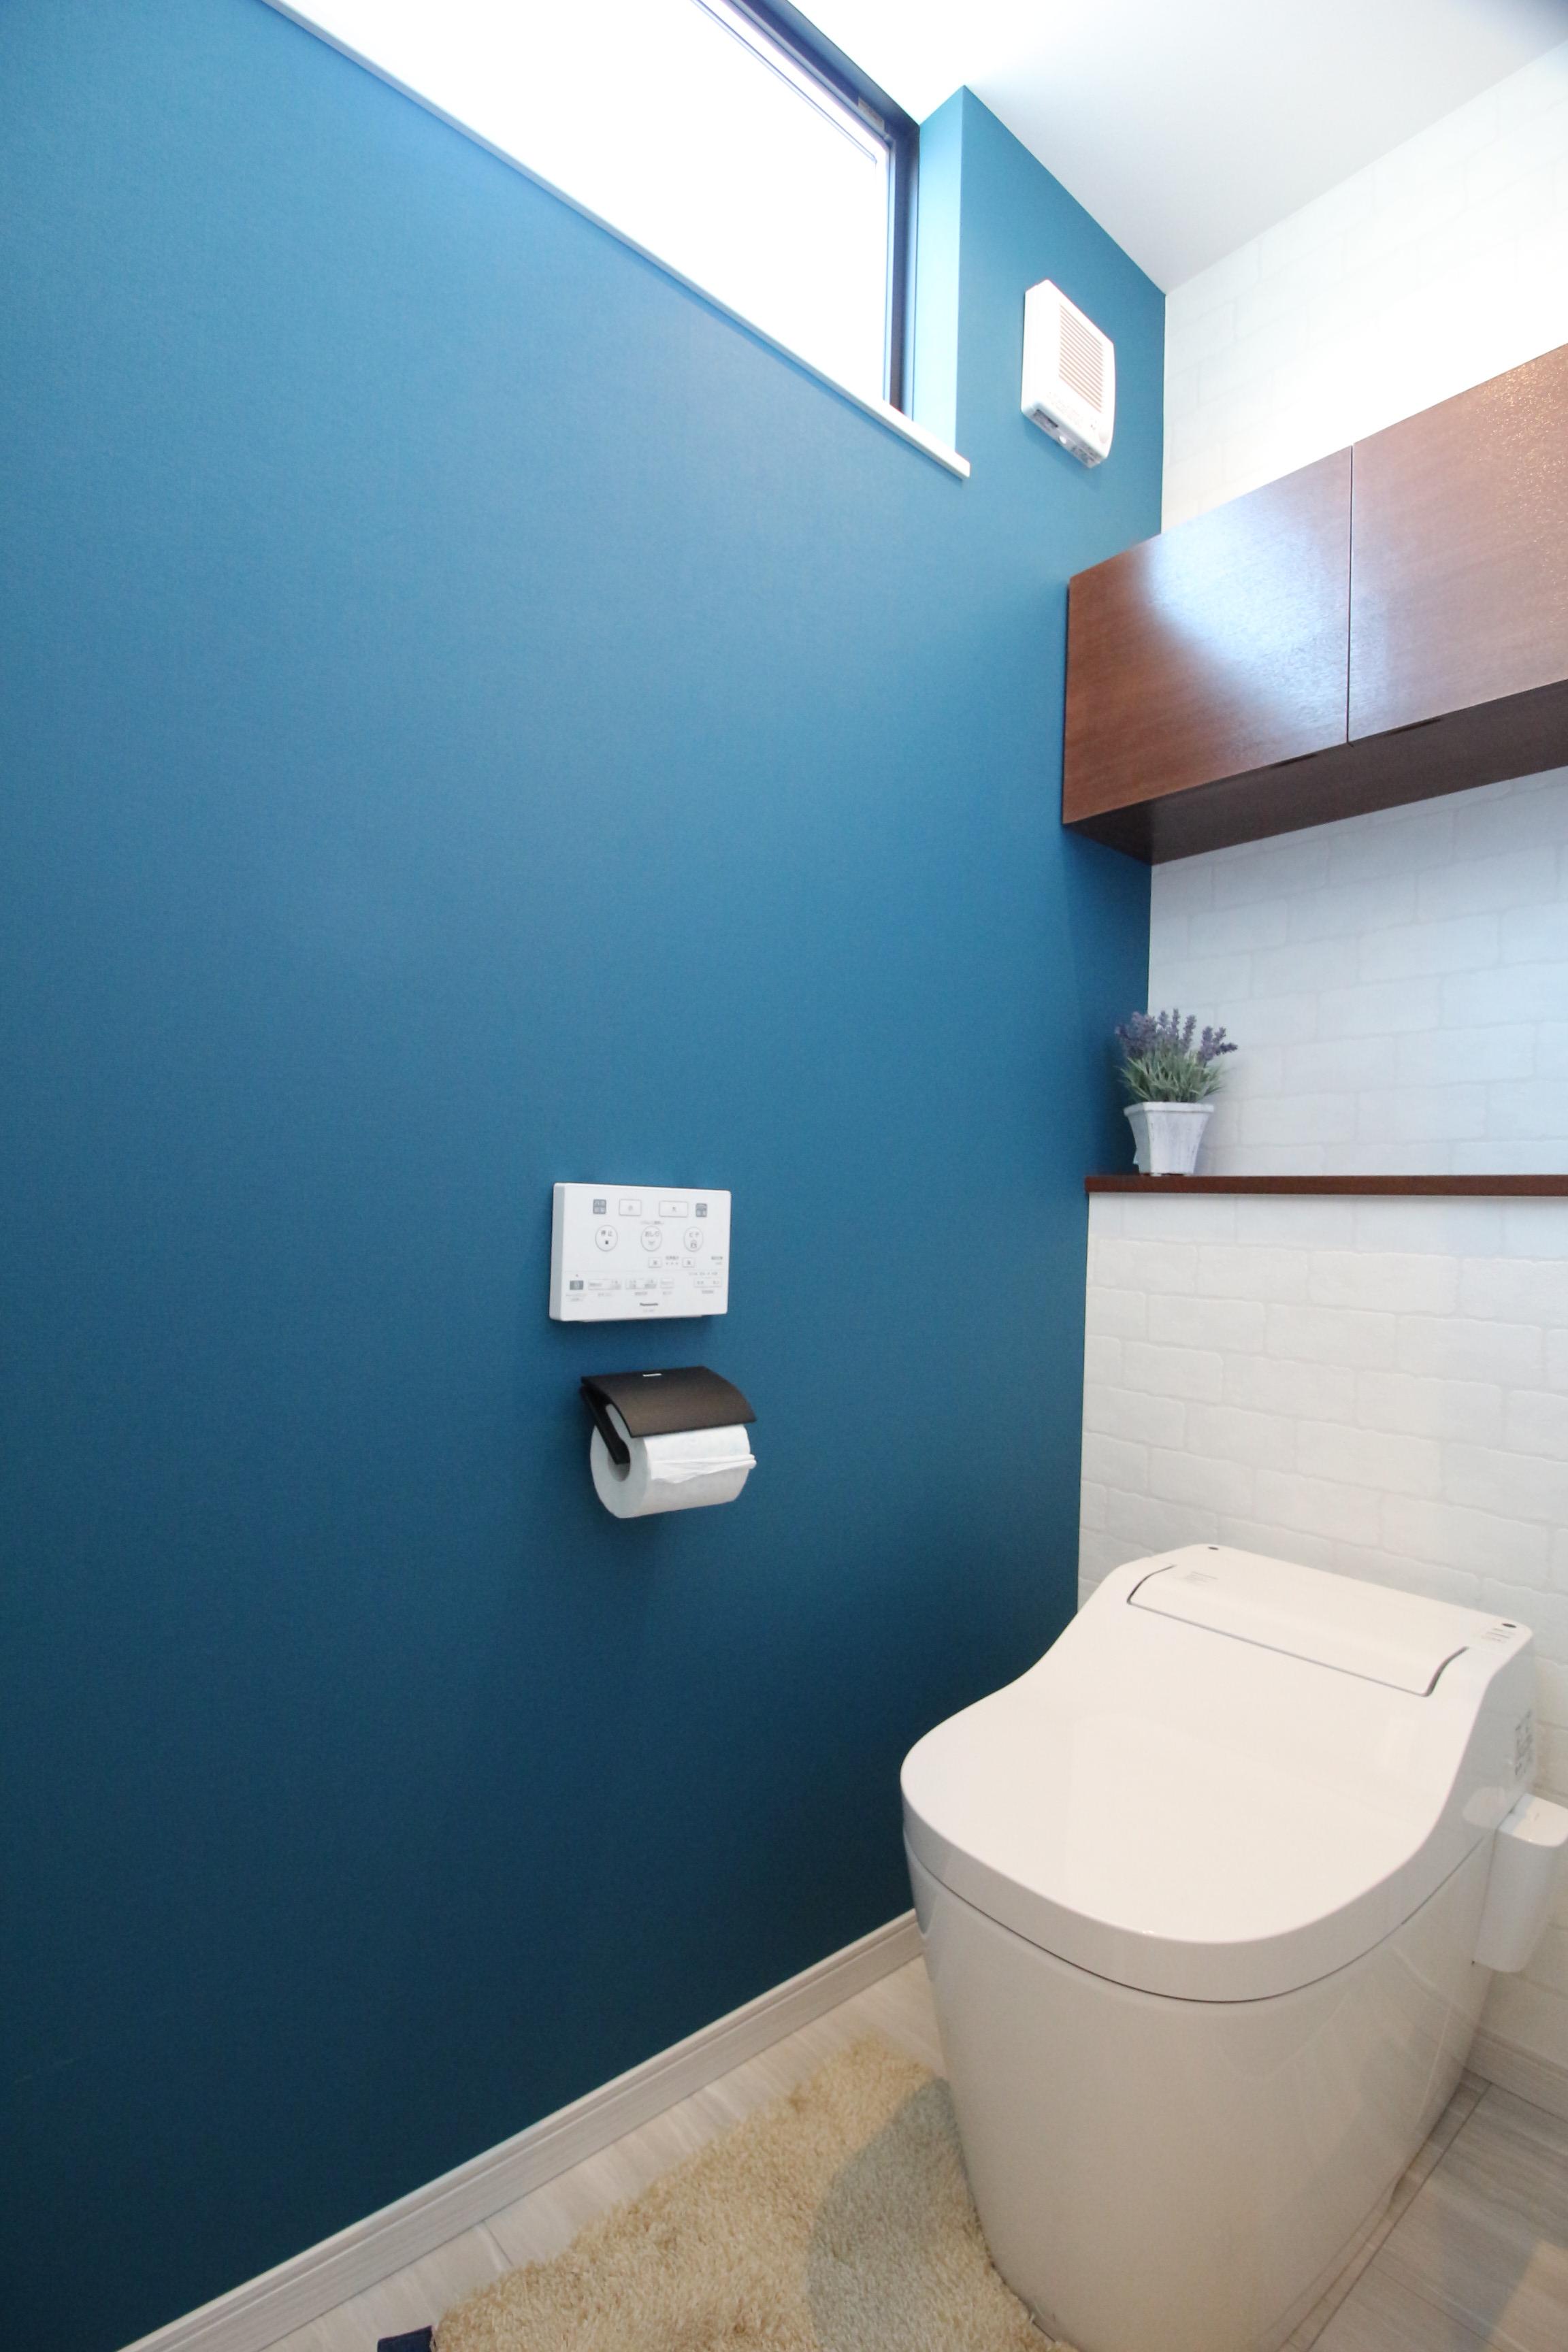 自宅のトイレをお店のような雰囲気に